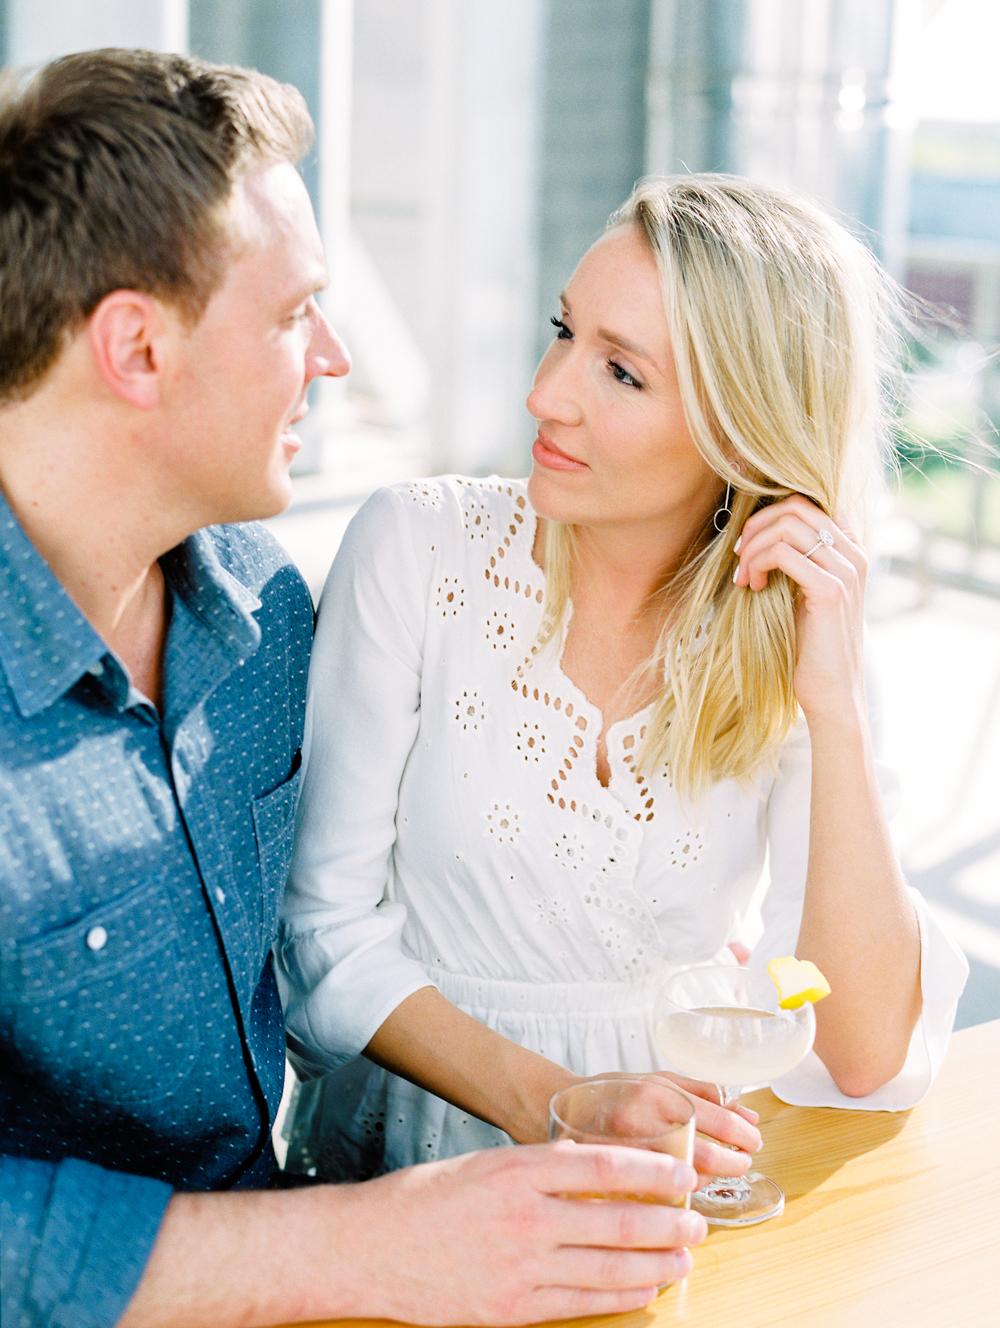 Best-Austin-Denver-California-Wedding-Photographers-fine-art-film-Engagement-Session-53.jpg